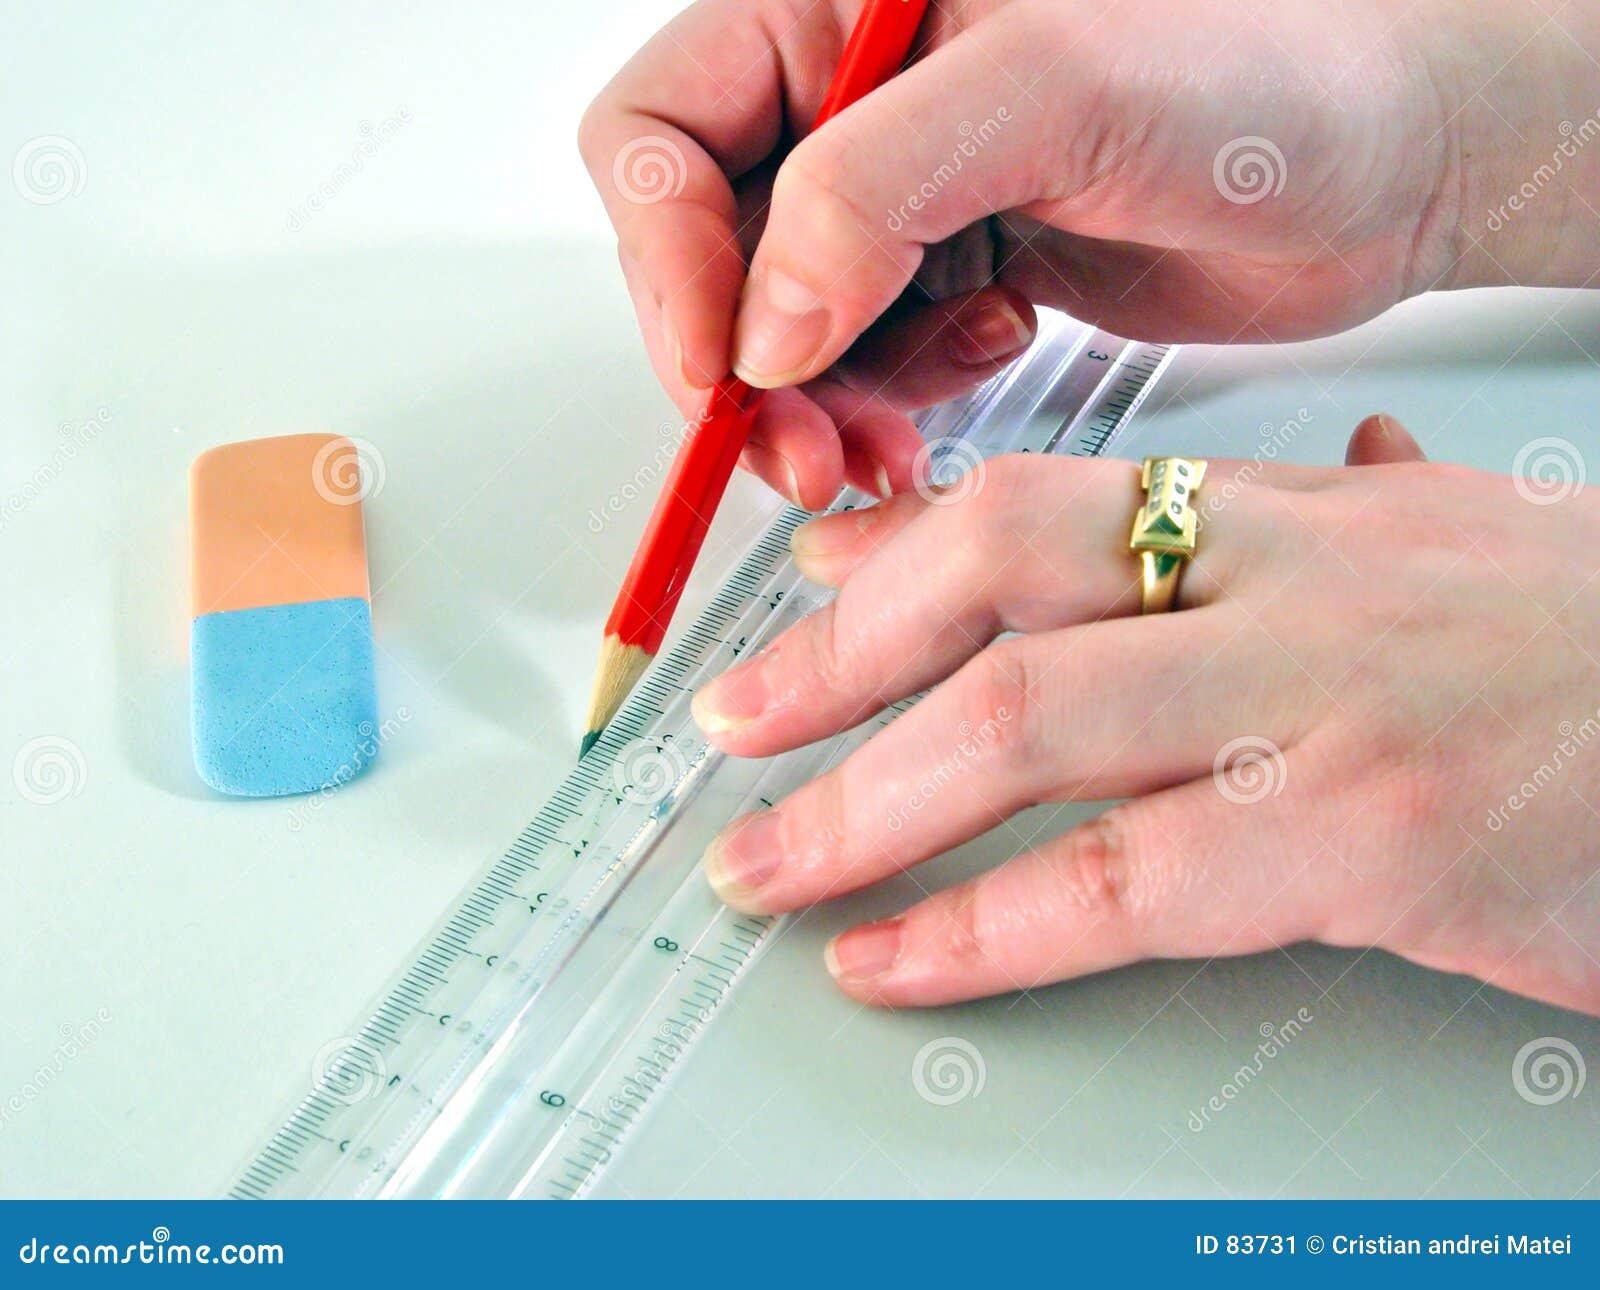 designer hands stock image image of close eraser white 83731. Black Bedroom Furniture Sets. Home Design Ideas